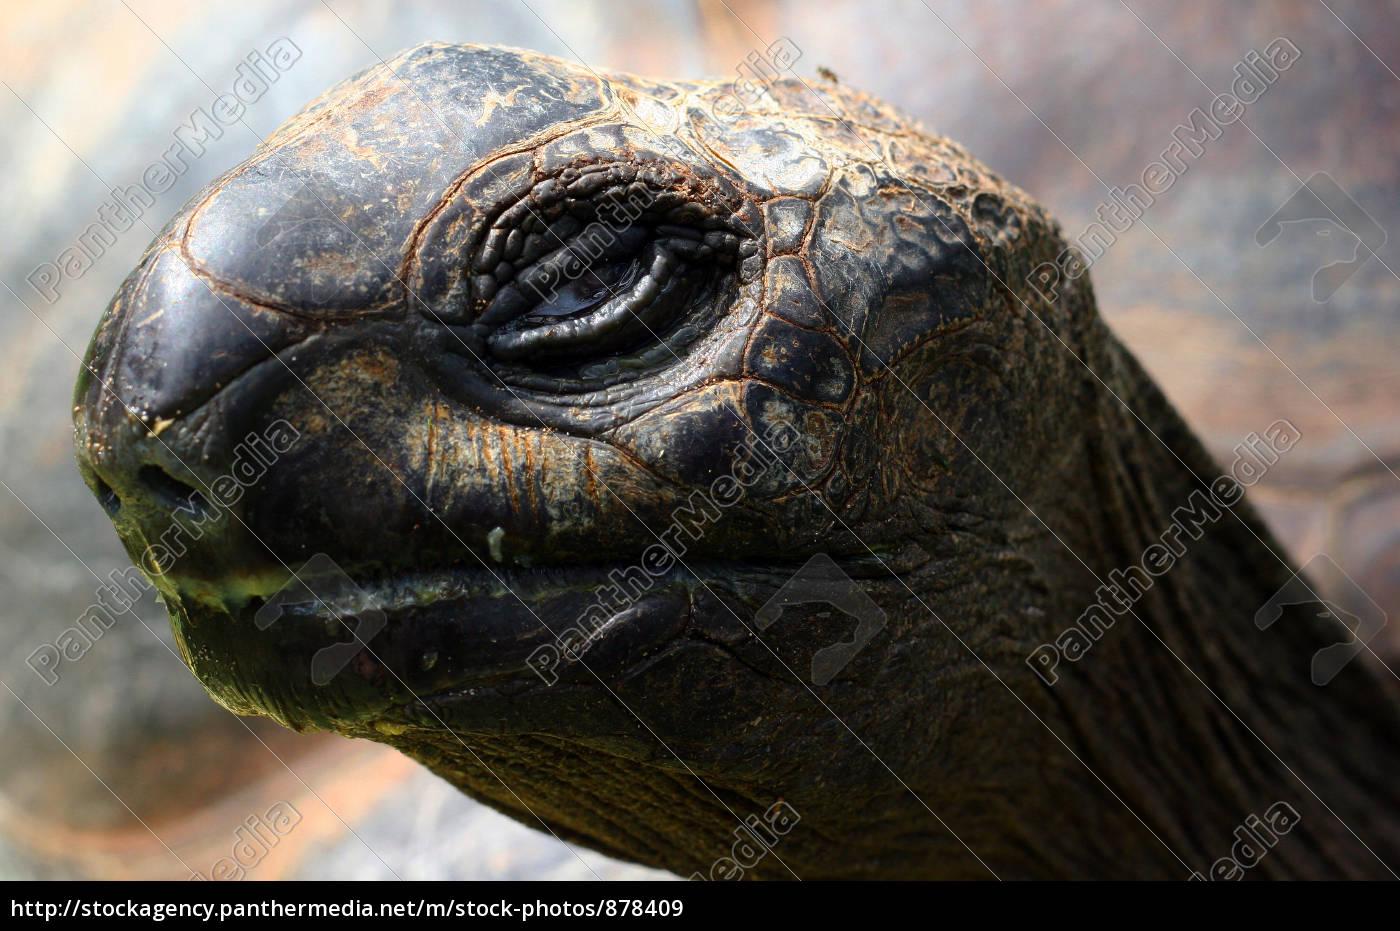 turtle - 878409